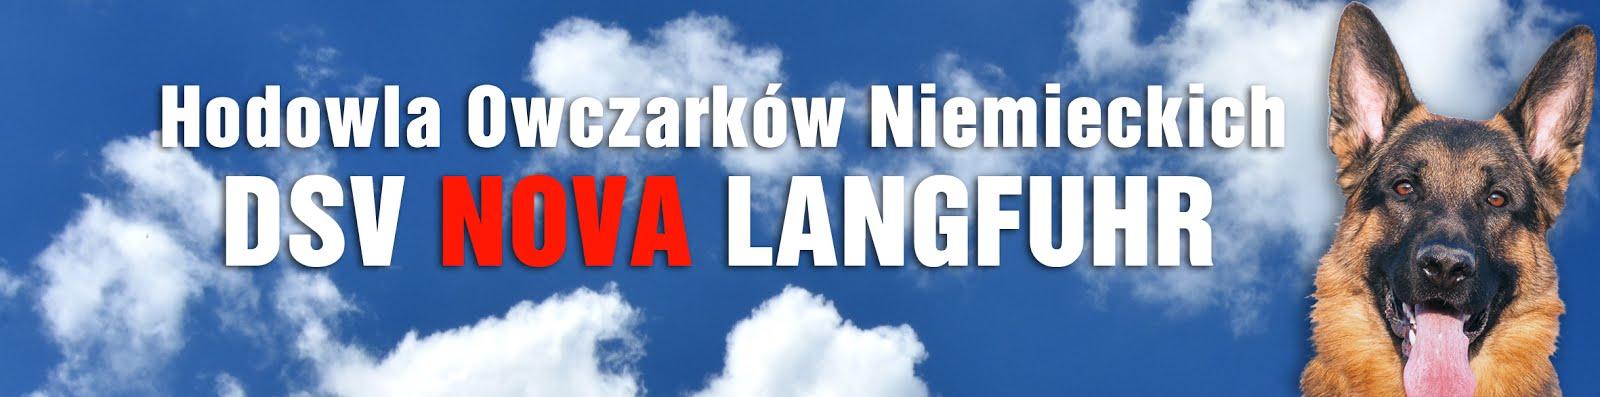 DSV Nova Langfuhr